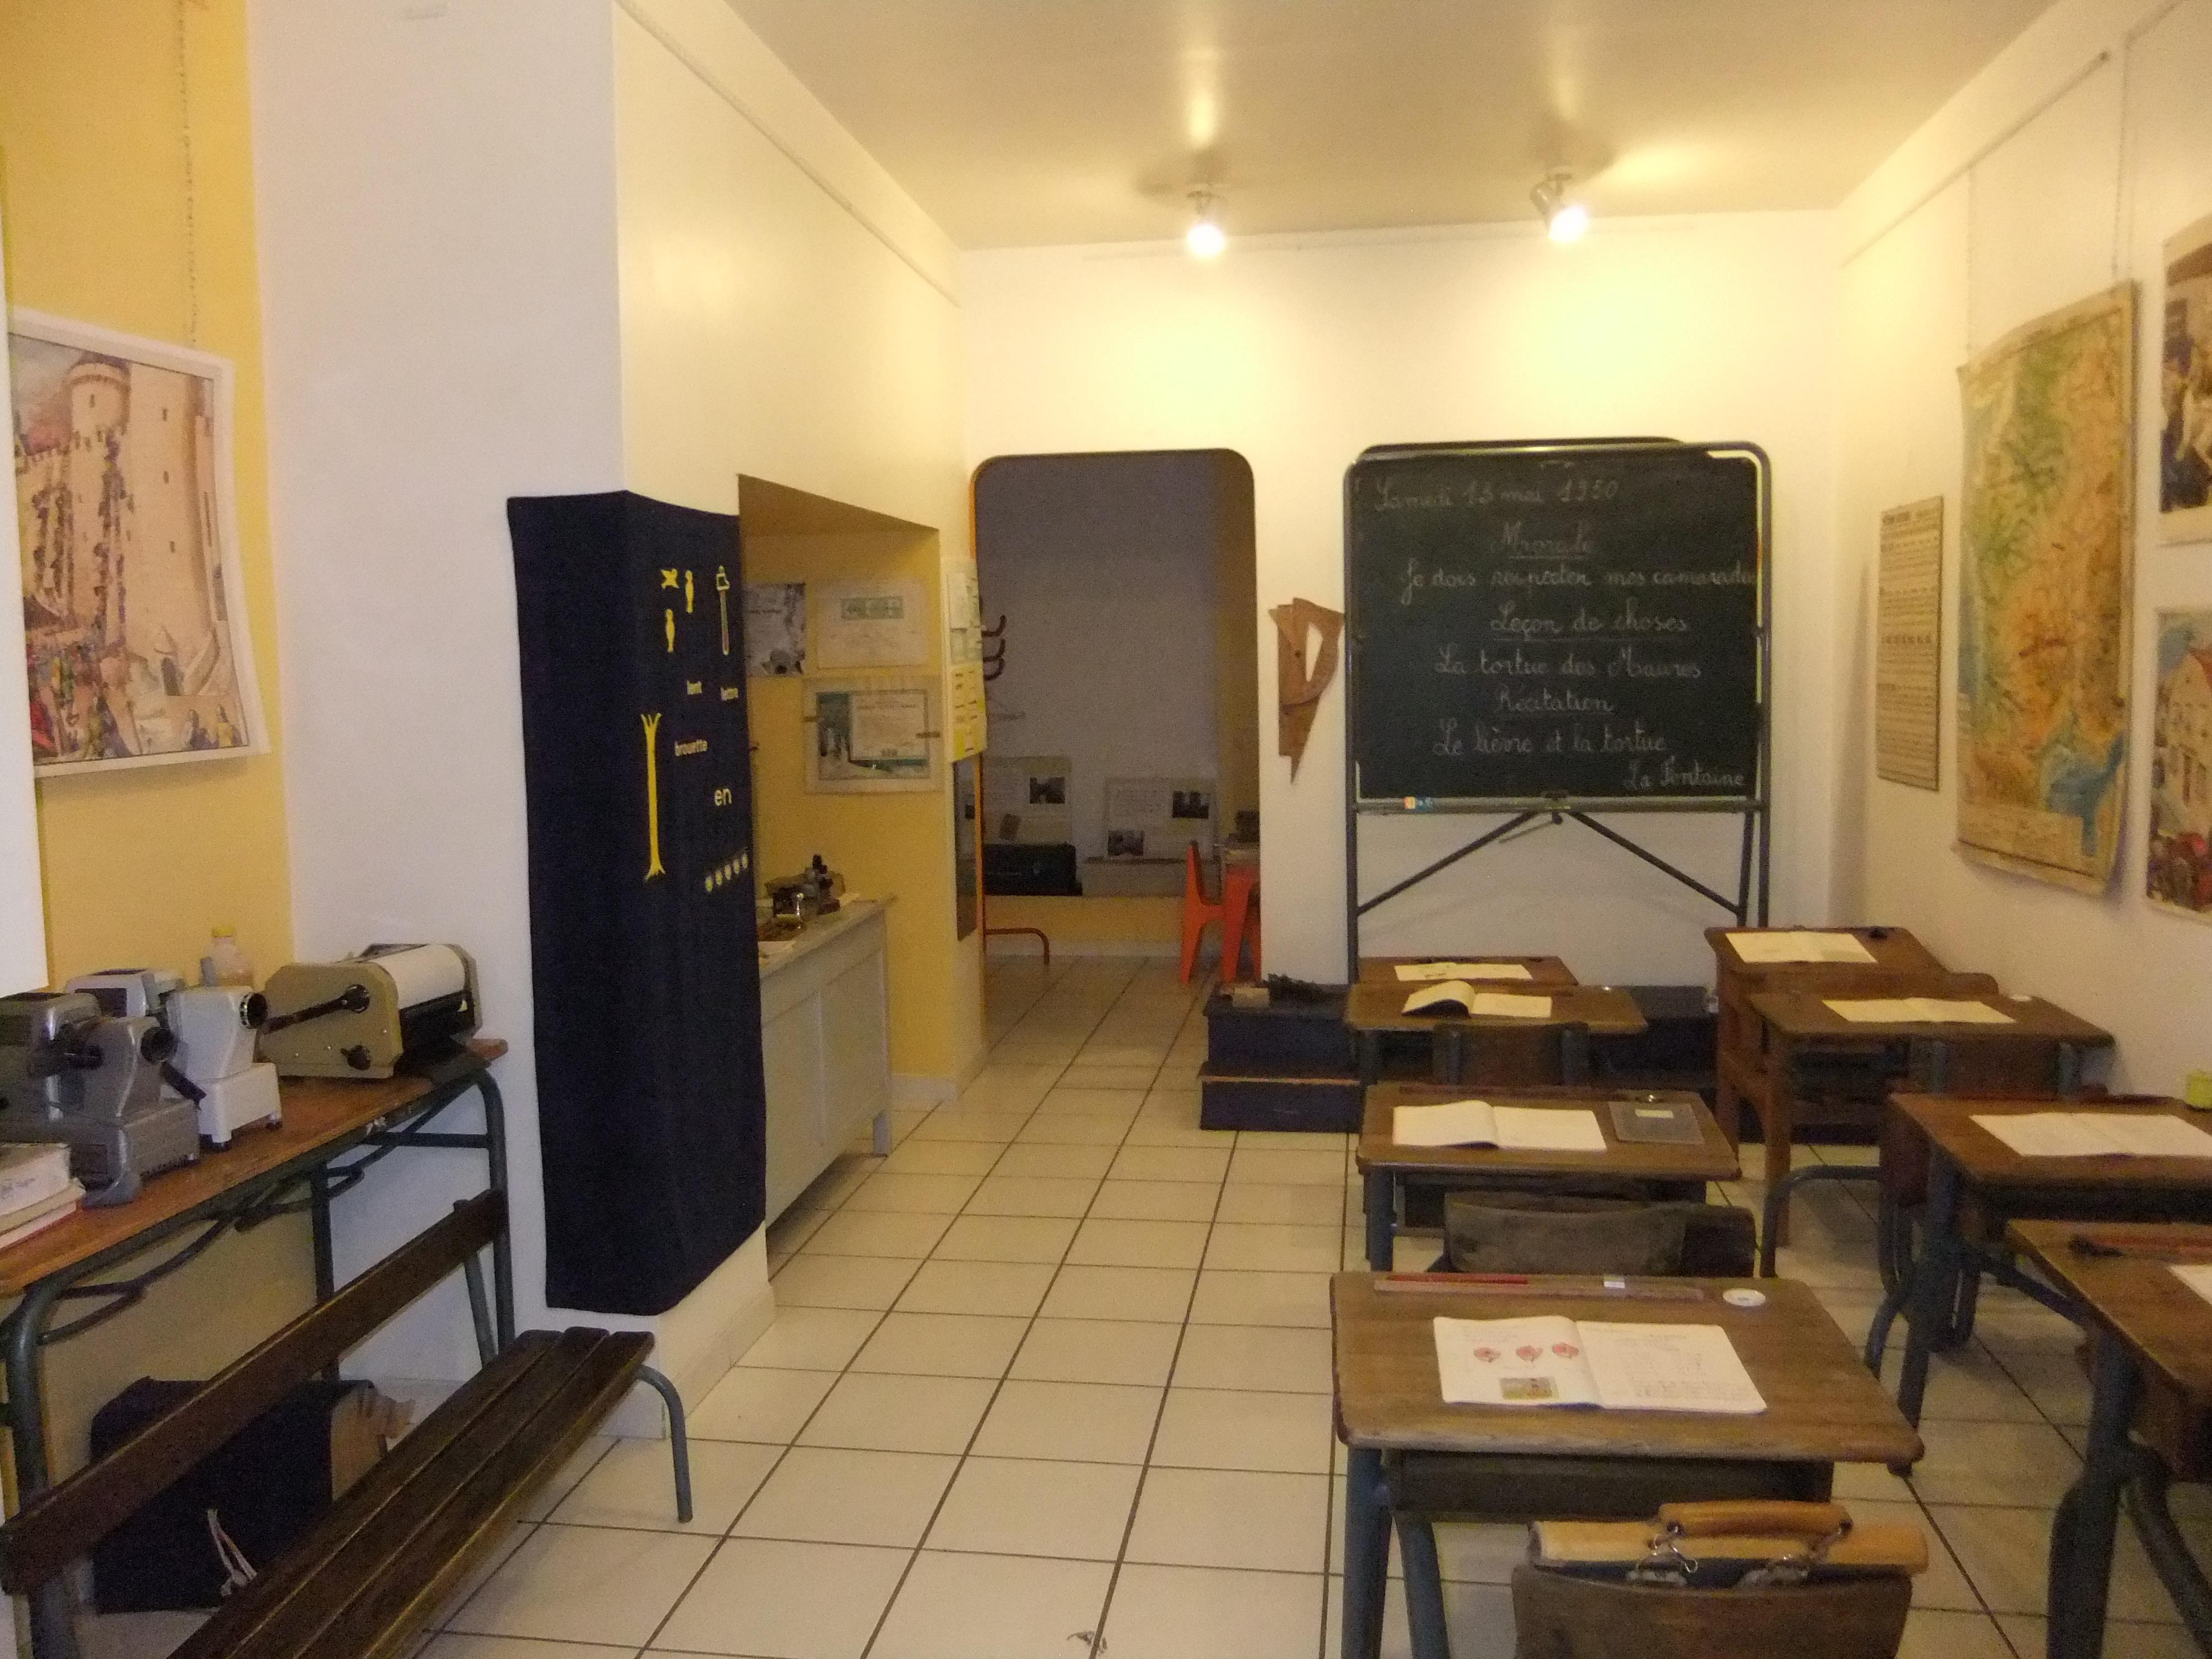 Musée de l'école des années 50 à nos jours